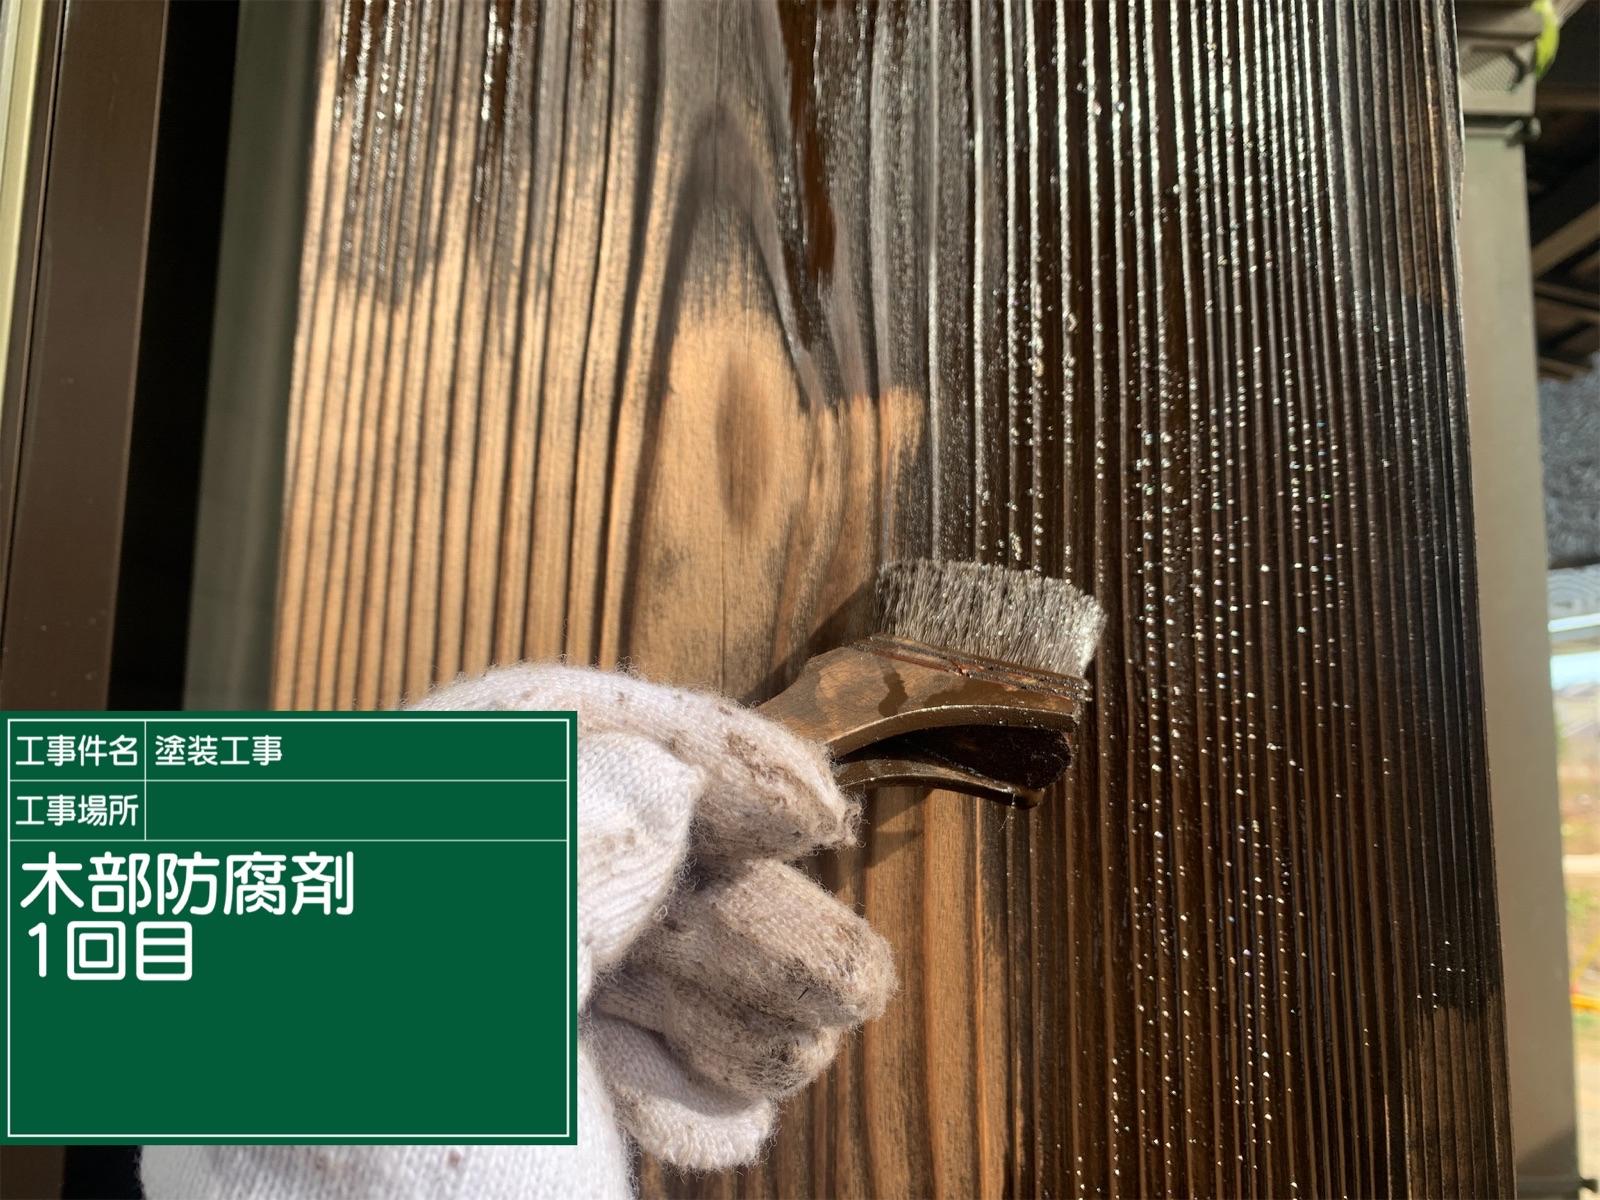 木部防腐剤1回目中(5)300018